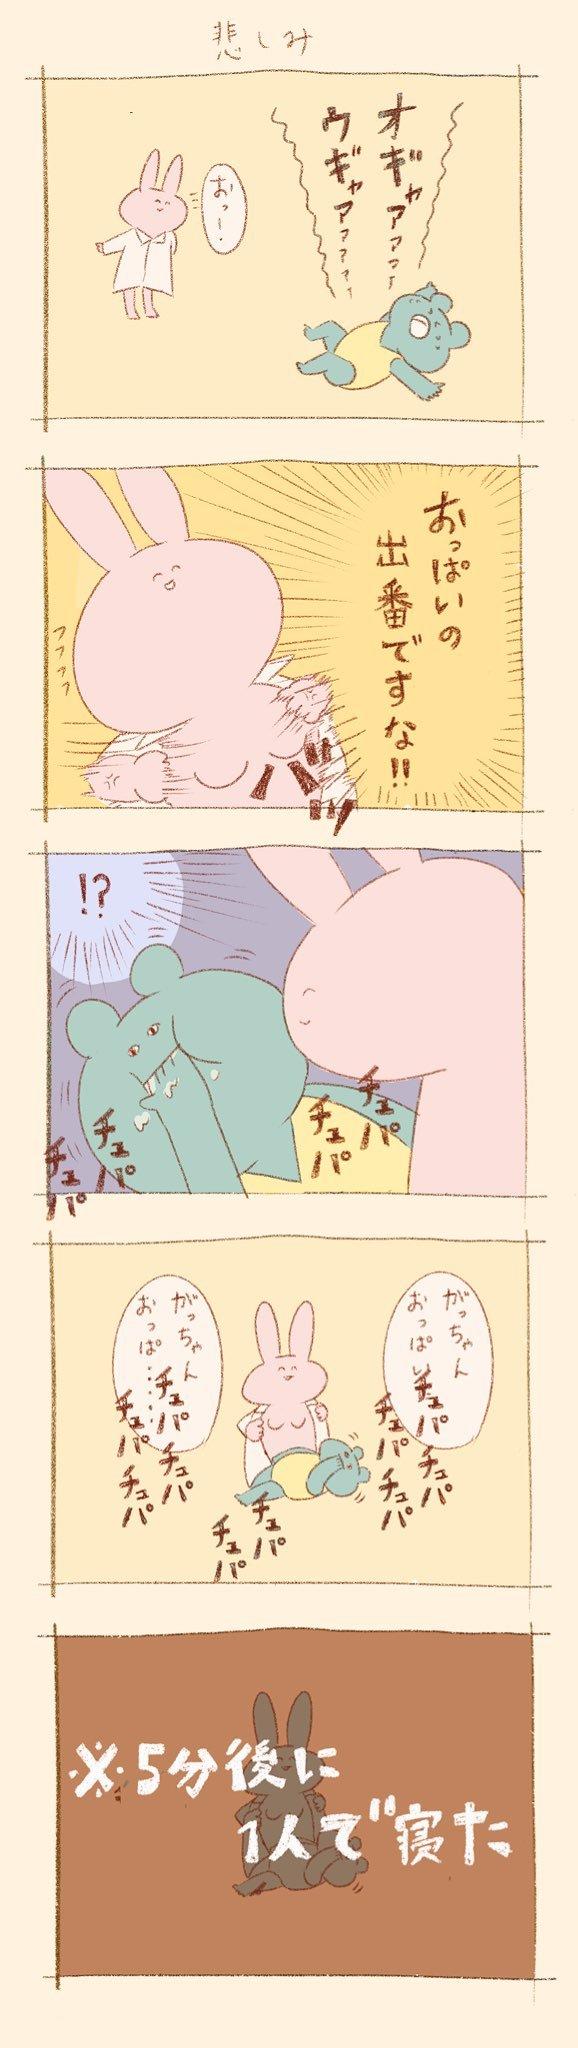 全然泣き止まない...そんな時、このダンスが止められない!?(笑)の画像3